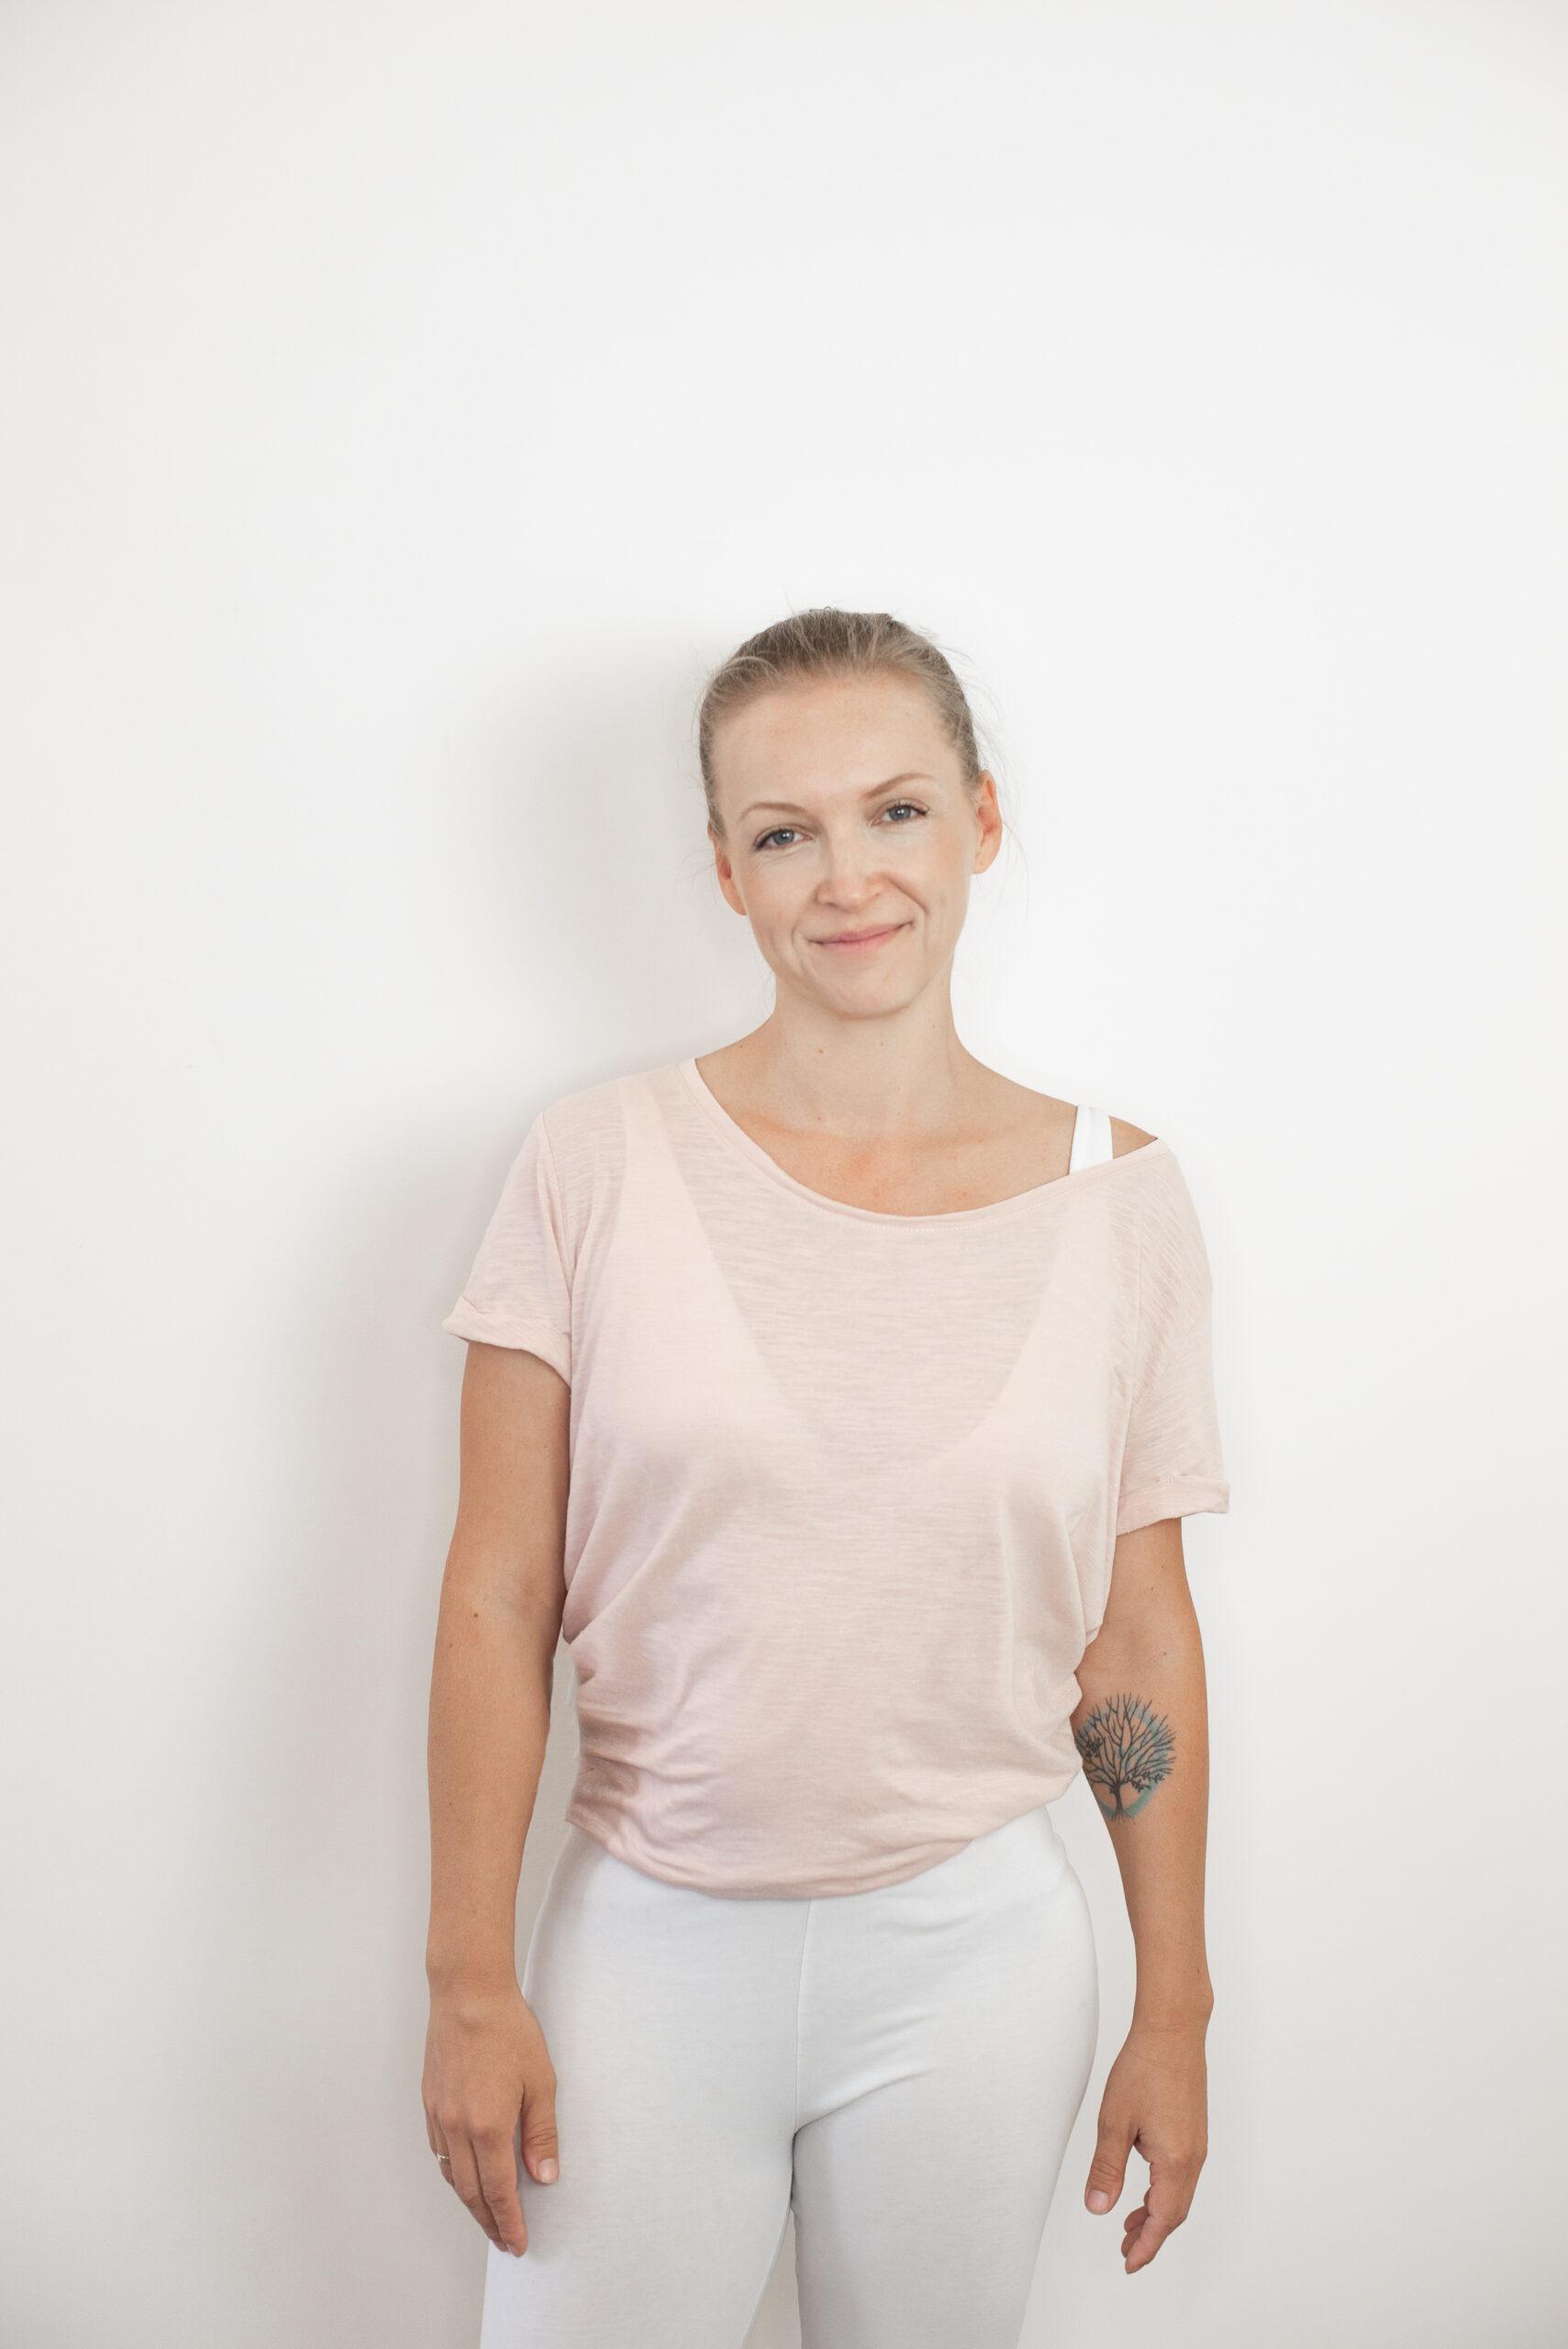 Agata Zagórska